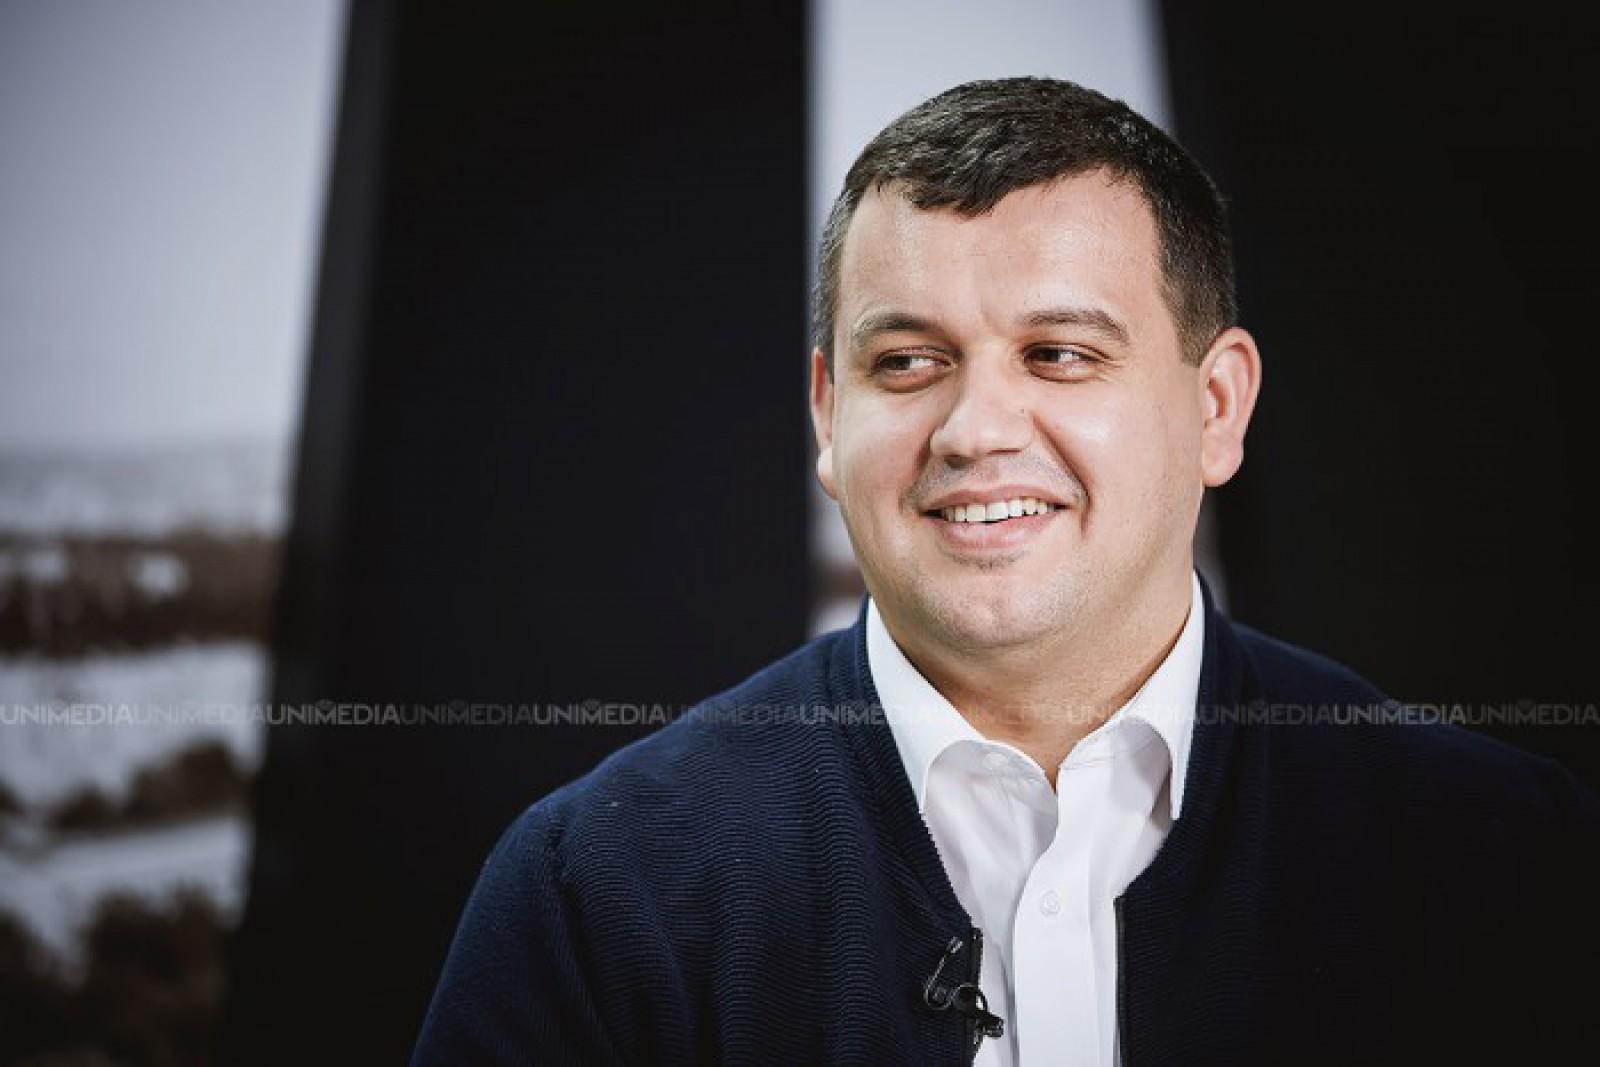 Eugen Tomac, despre declarația Parlamentului împotriva propagandei ruse: Este cu siguranță o decizie mai mult decât necesară